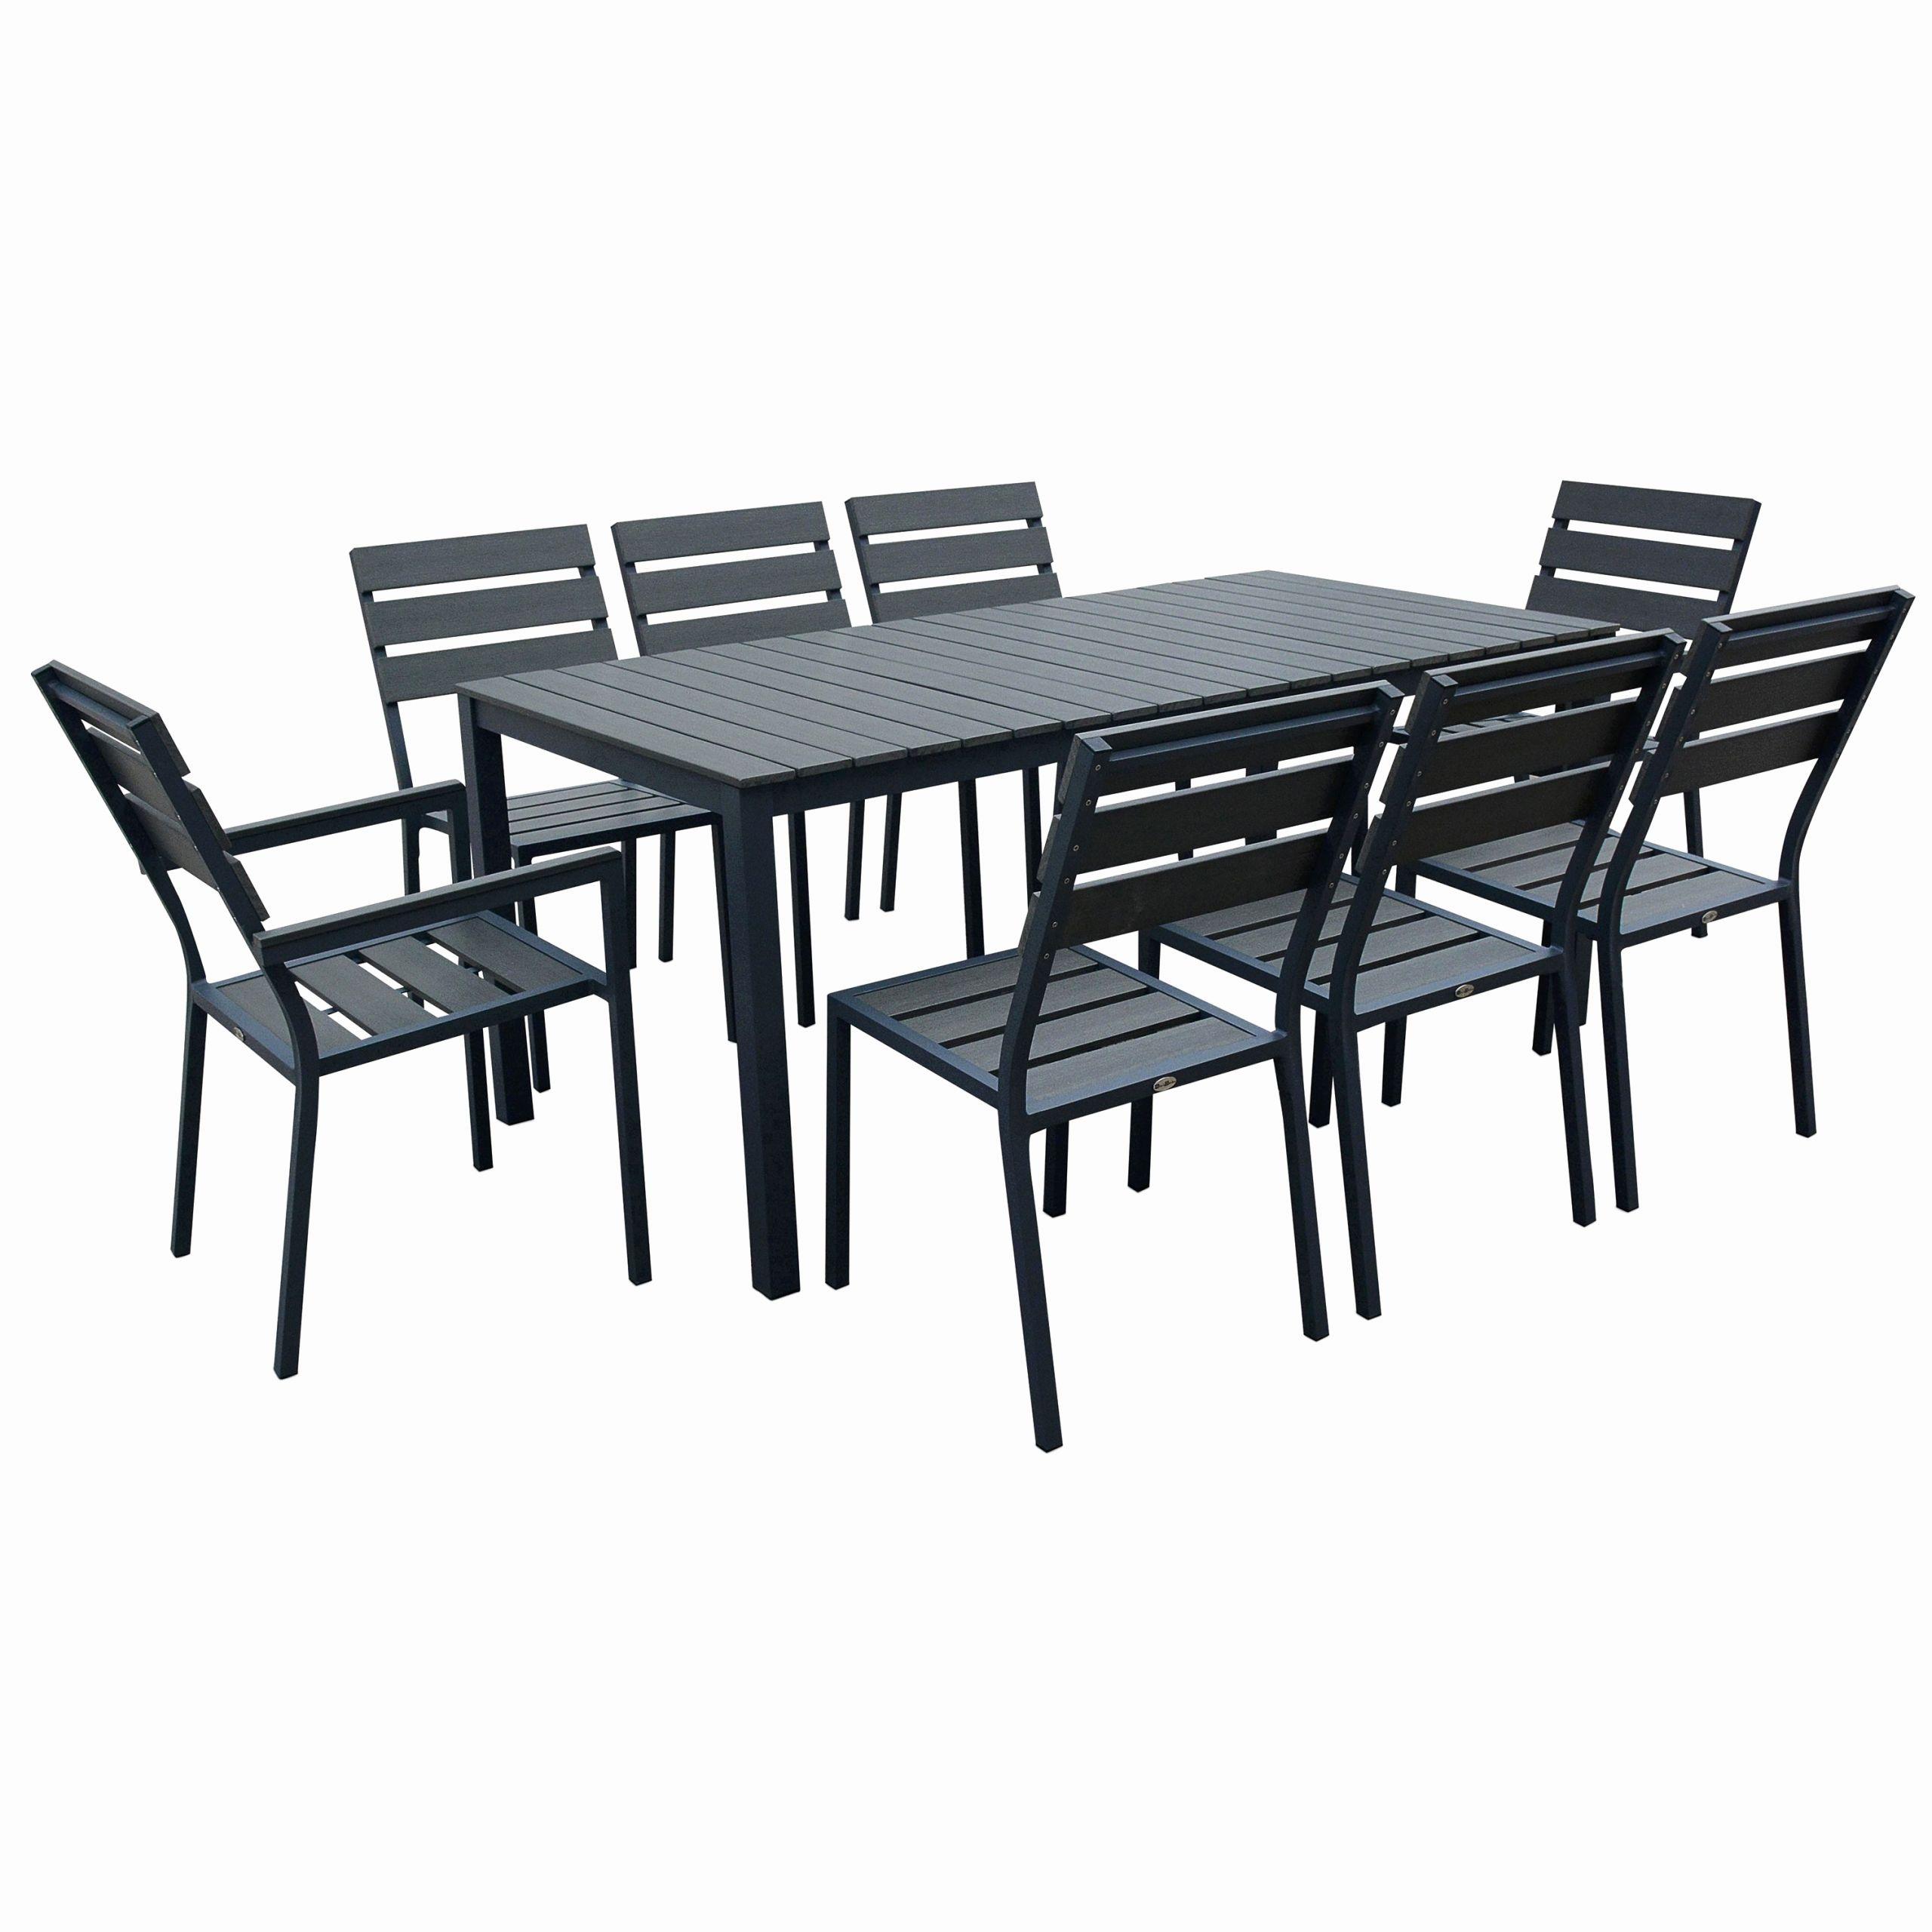 table jardin alinea le meilleur de table jardin chaises de chaise elegant table jardin meilleur de of table jardin alinea